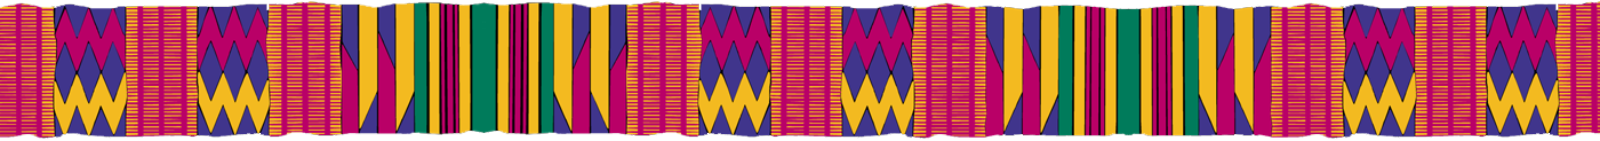 King Arts Complex Kente Cloth